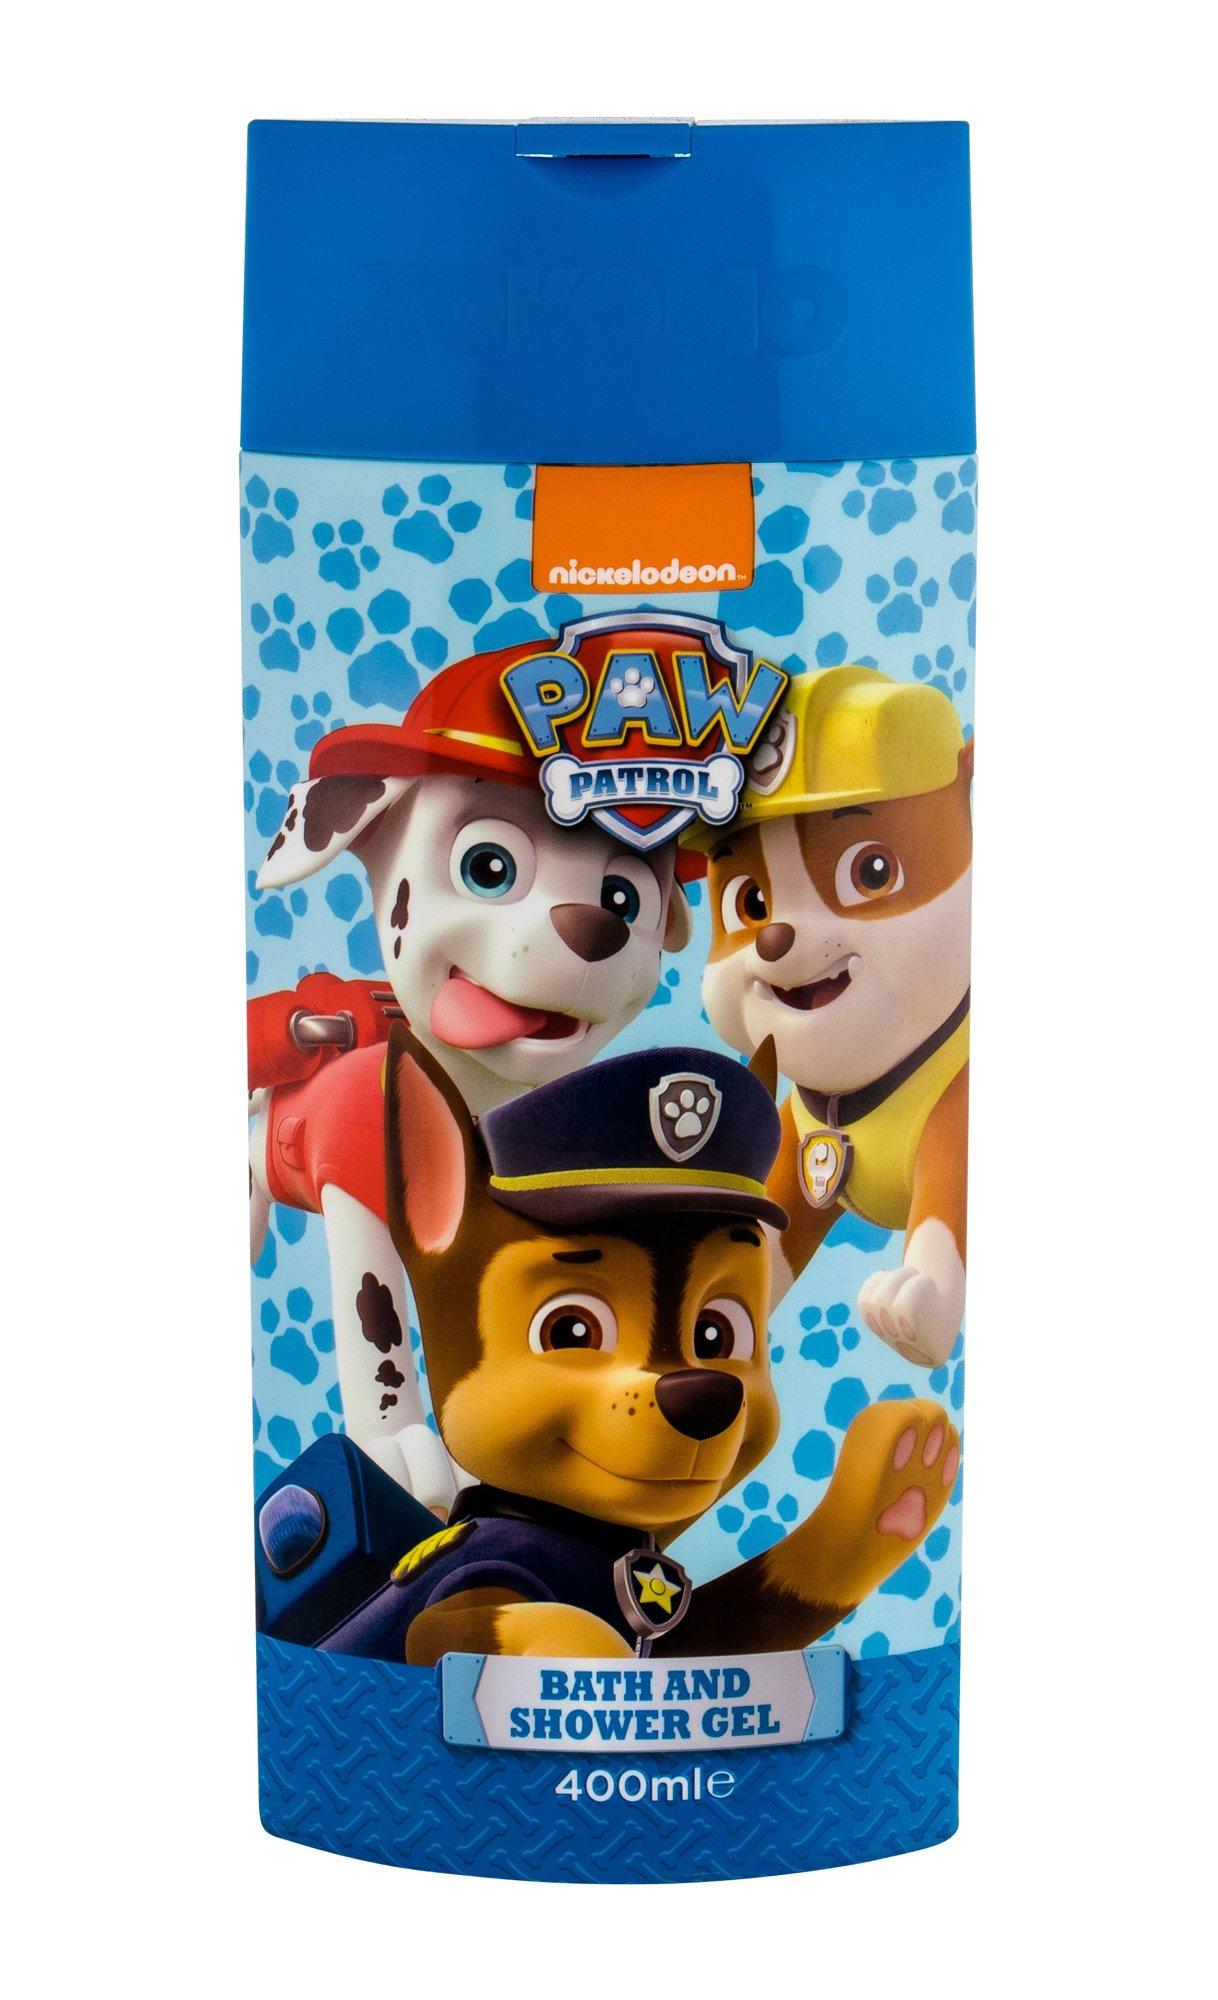 Nickelodeon Paw Patrol Shower Gel 400ml